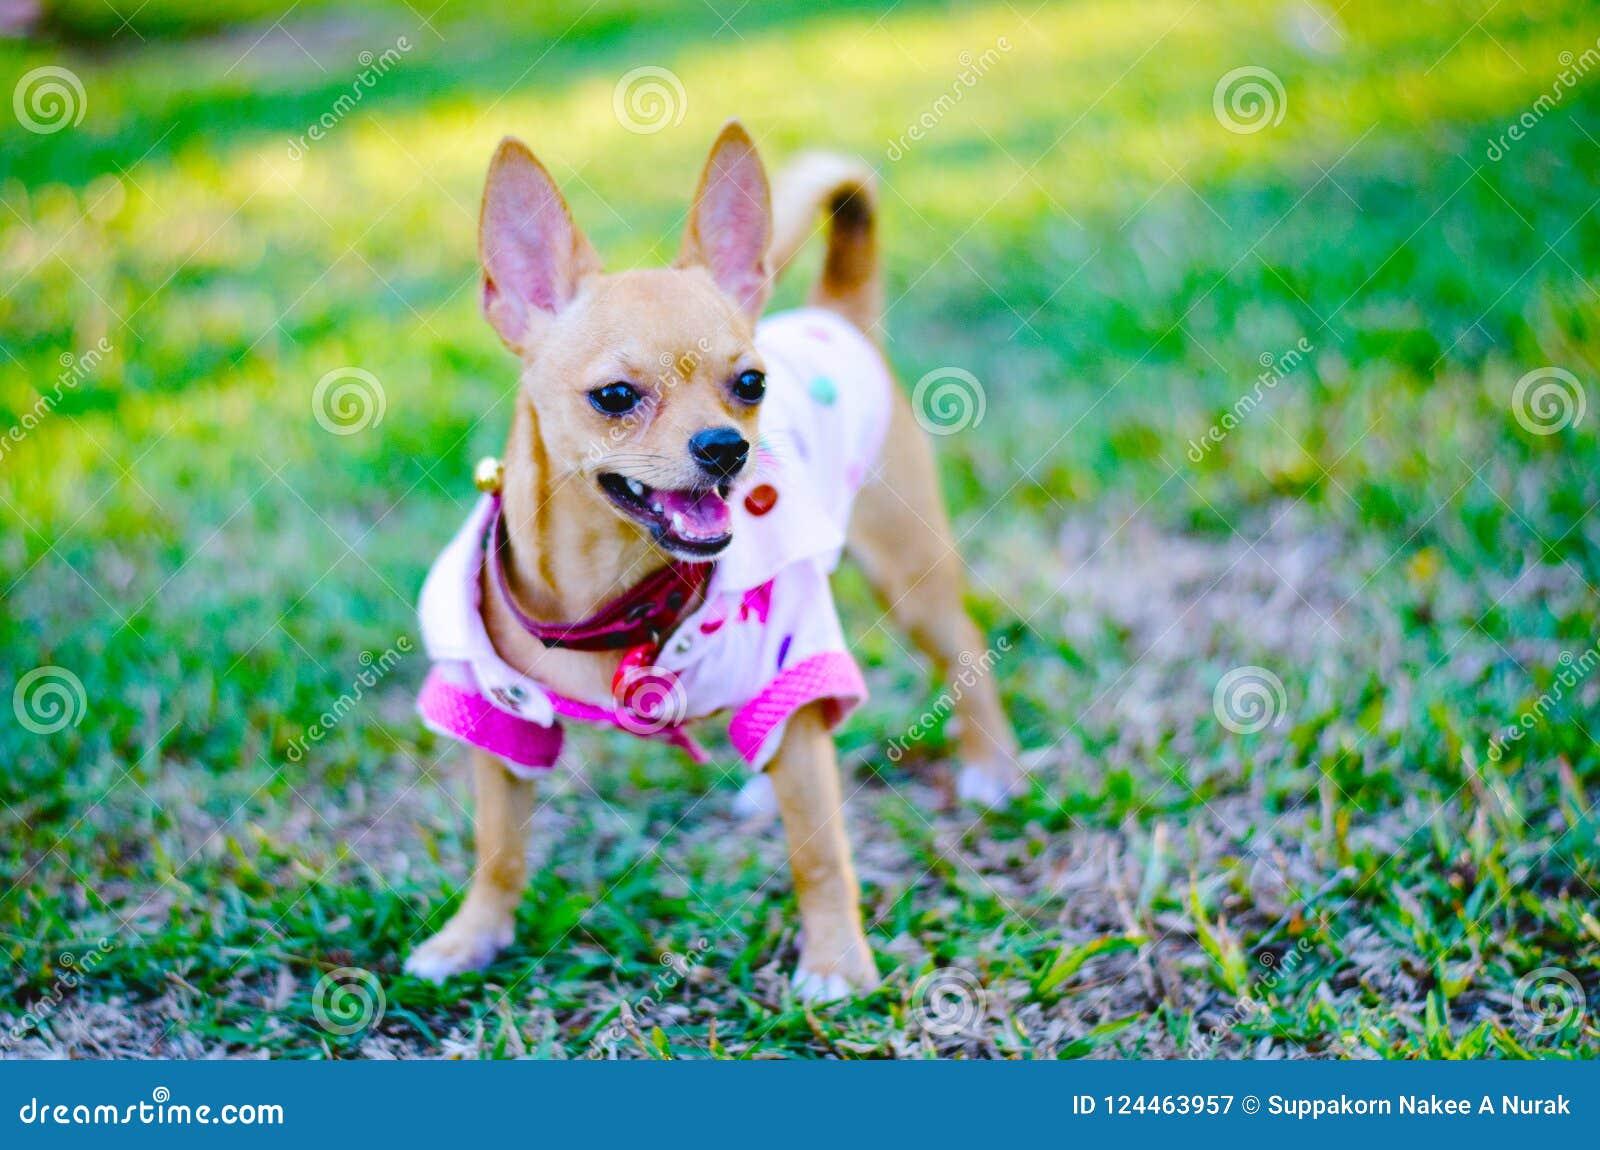 Малая собака чихуахуа бежит в лужайке